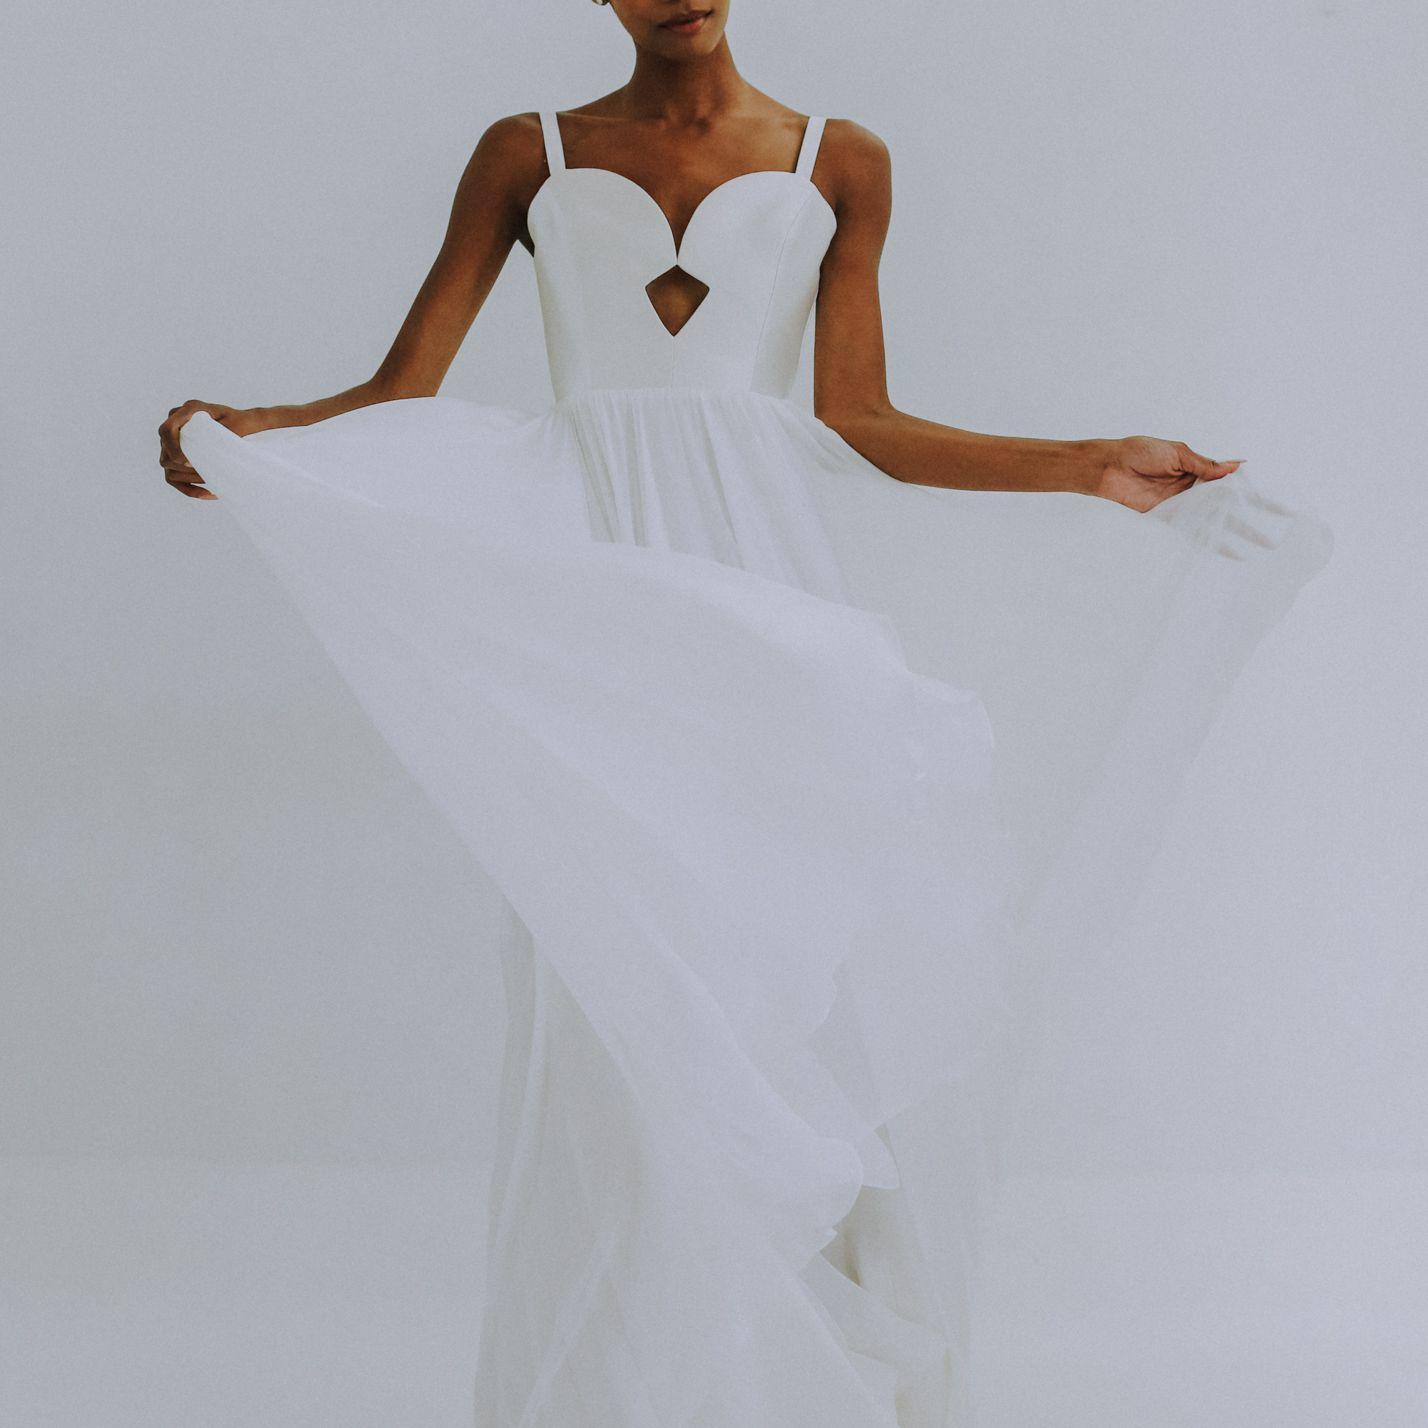 wedding dresses leanne marshall